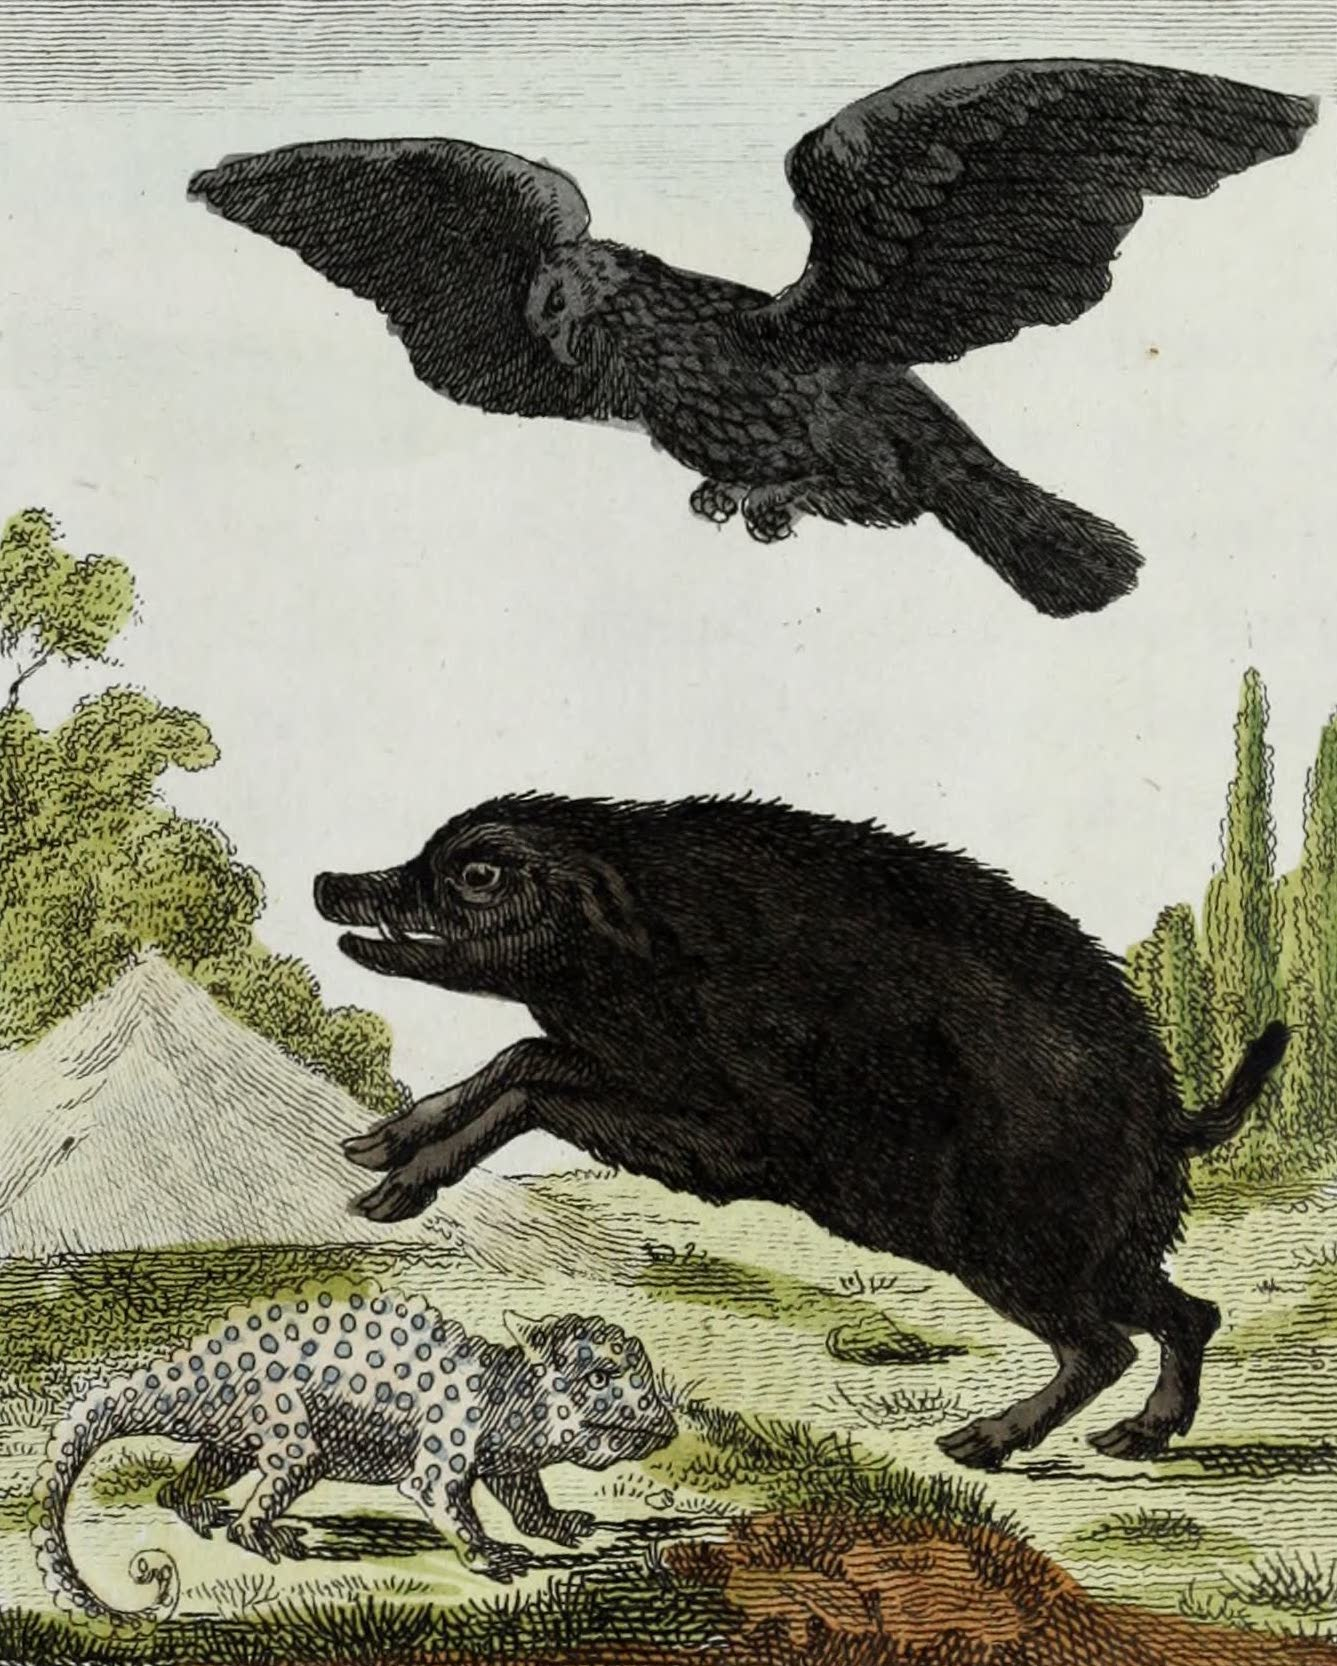 Geographie Vivante, ou, Tableaux Raisonnes - L'Aigle, le Sanglier sauvage, le Cameleon (1821)